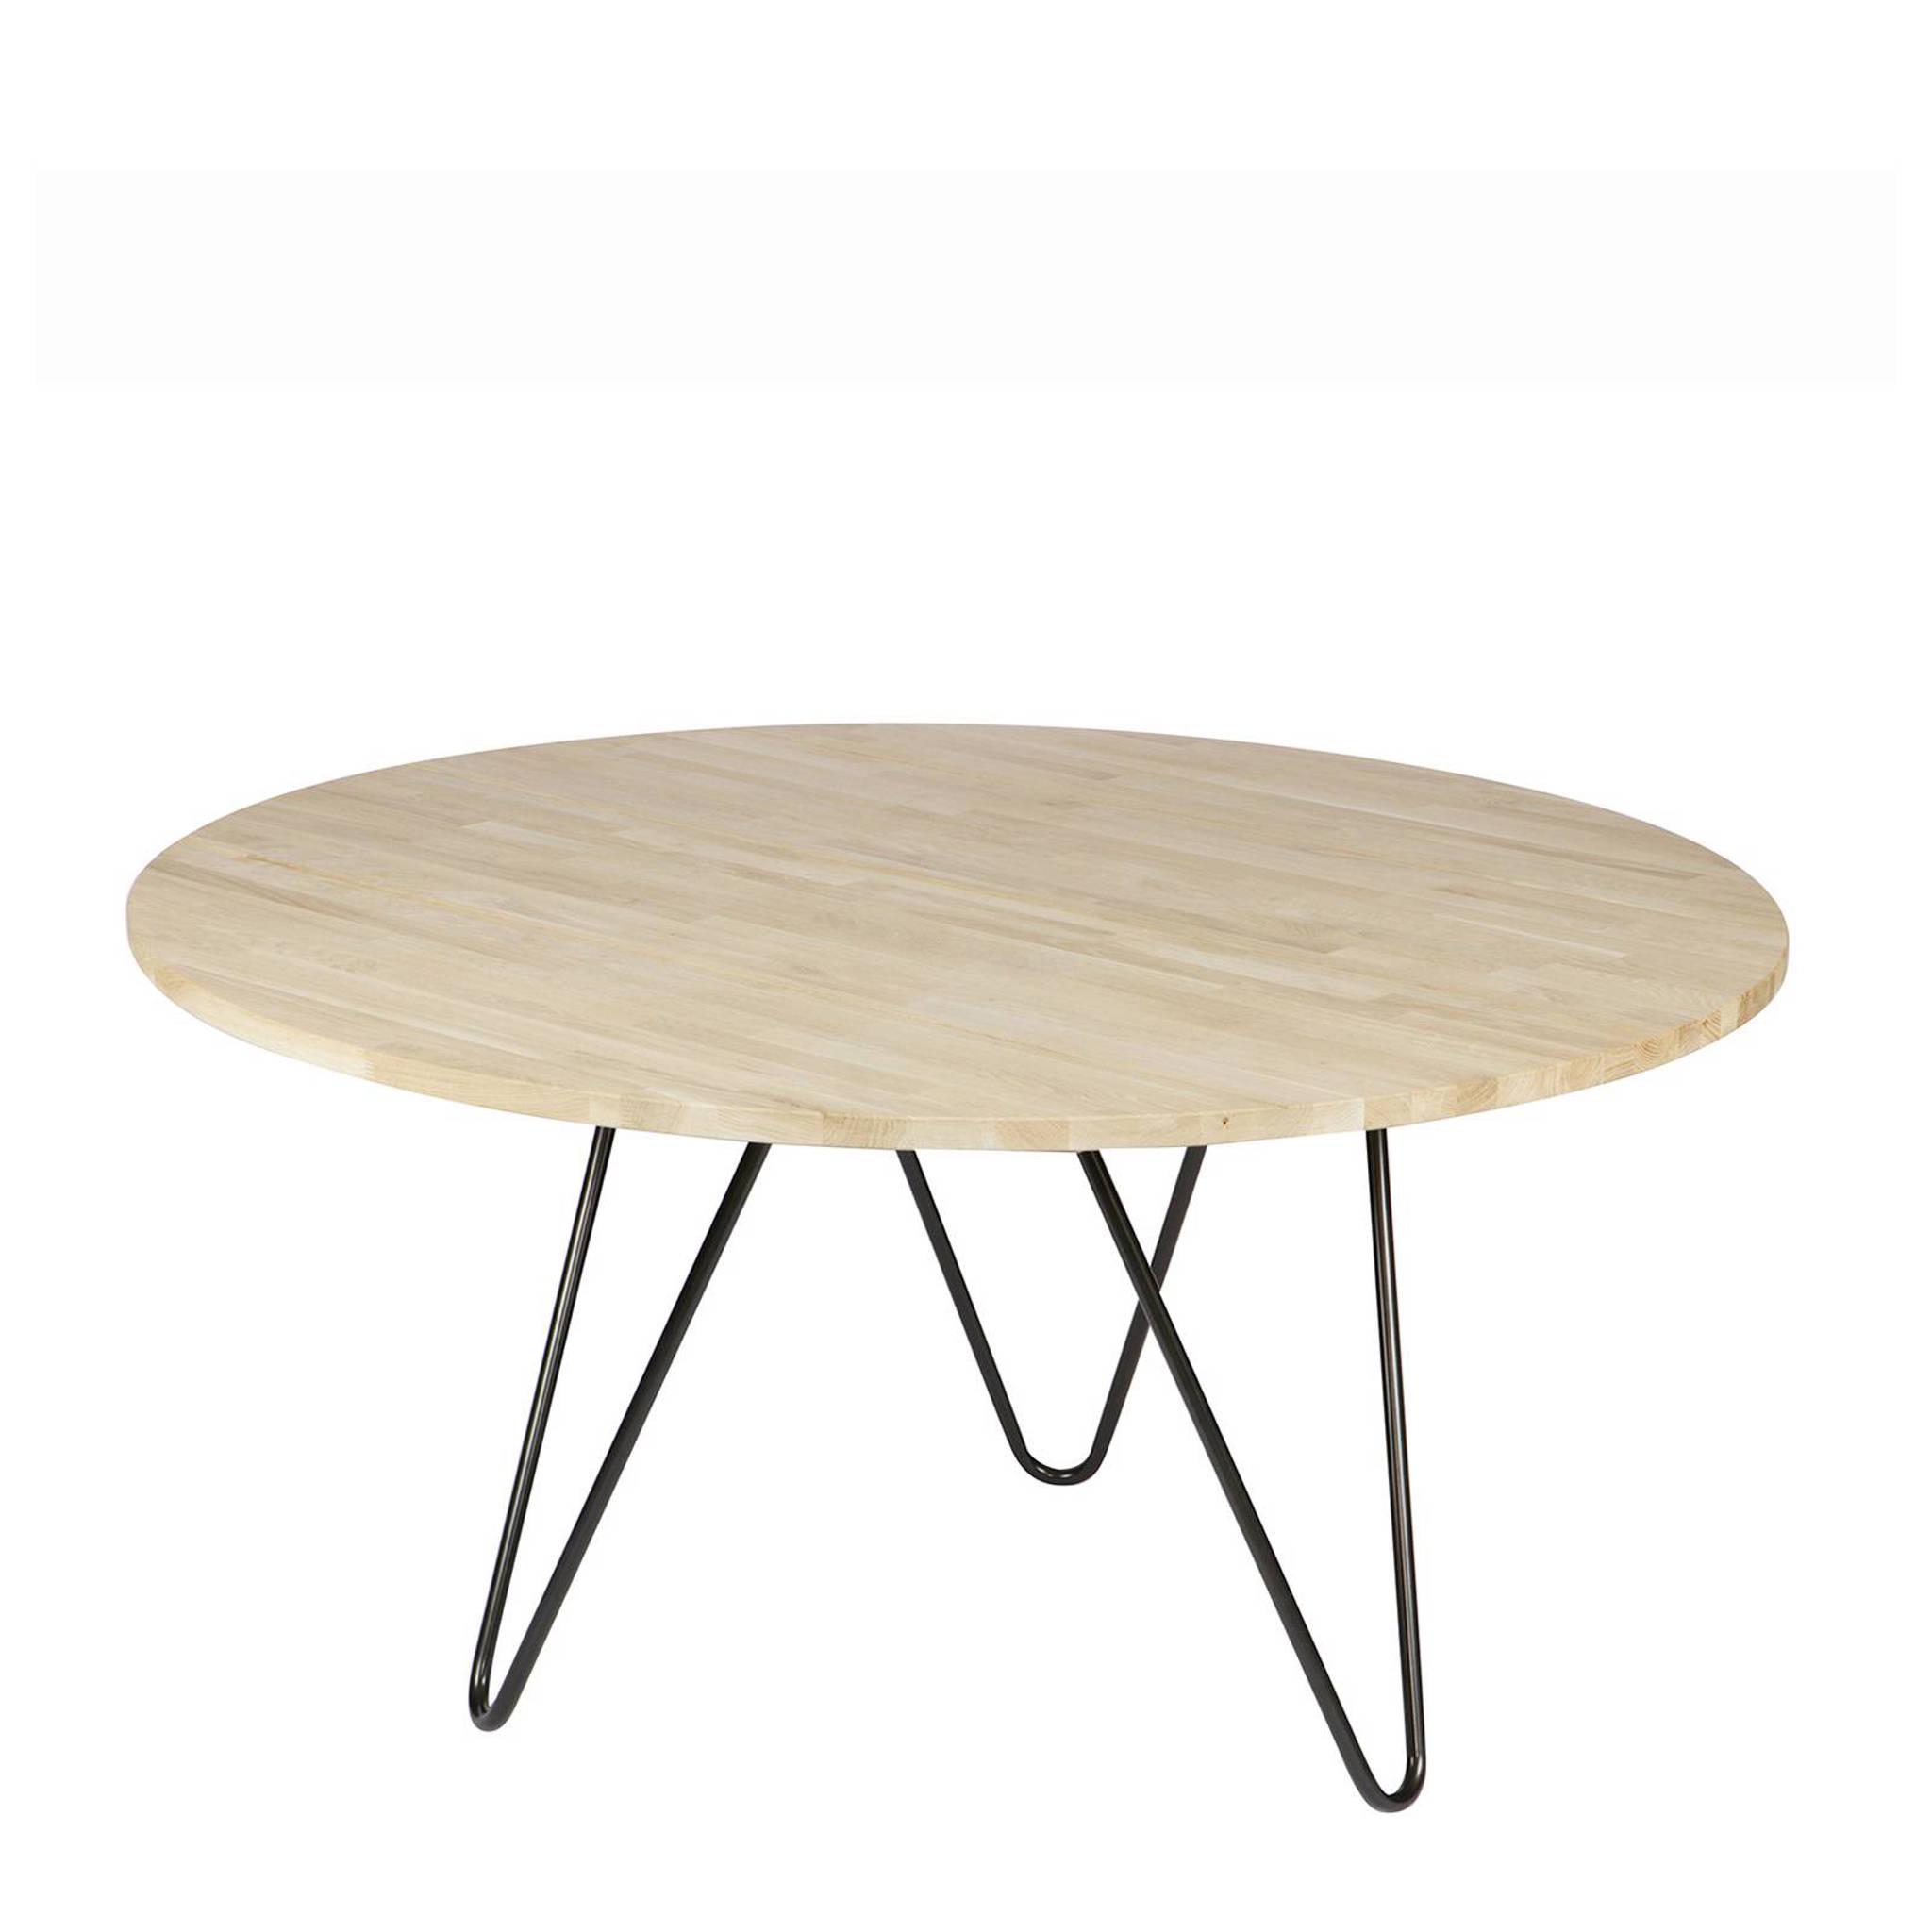 Vtwonen Ronde Tafel.Vtwonen Eettafel Circle Xl 150 Cm Wehkamp